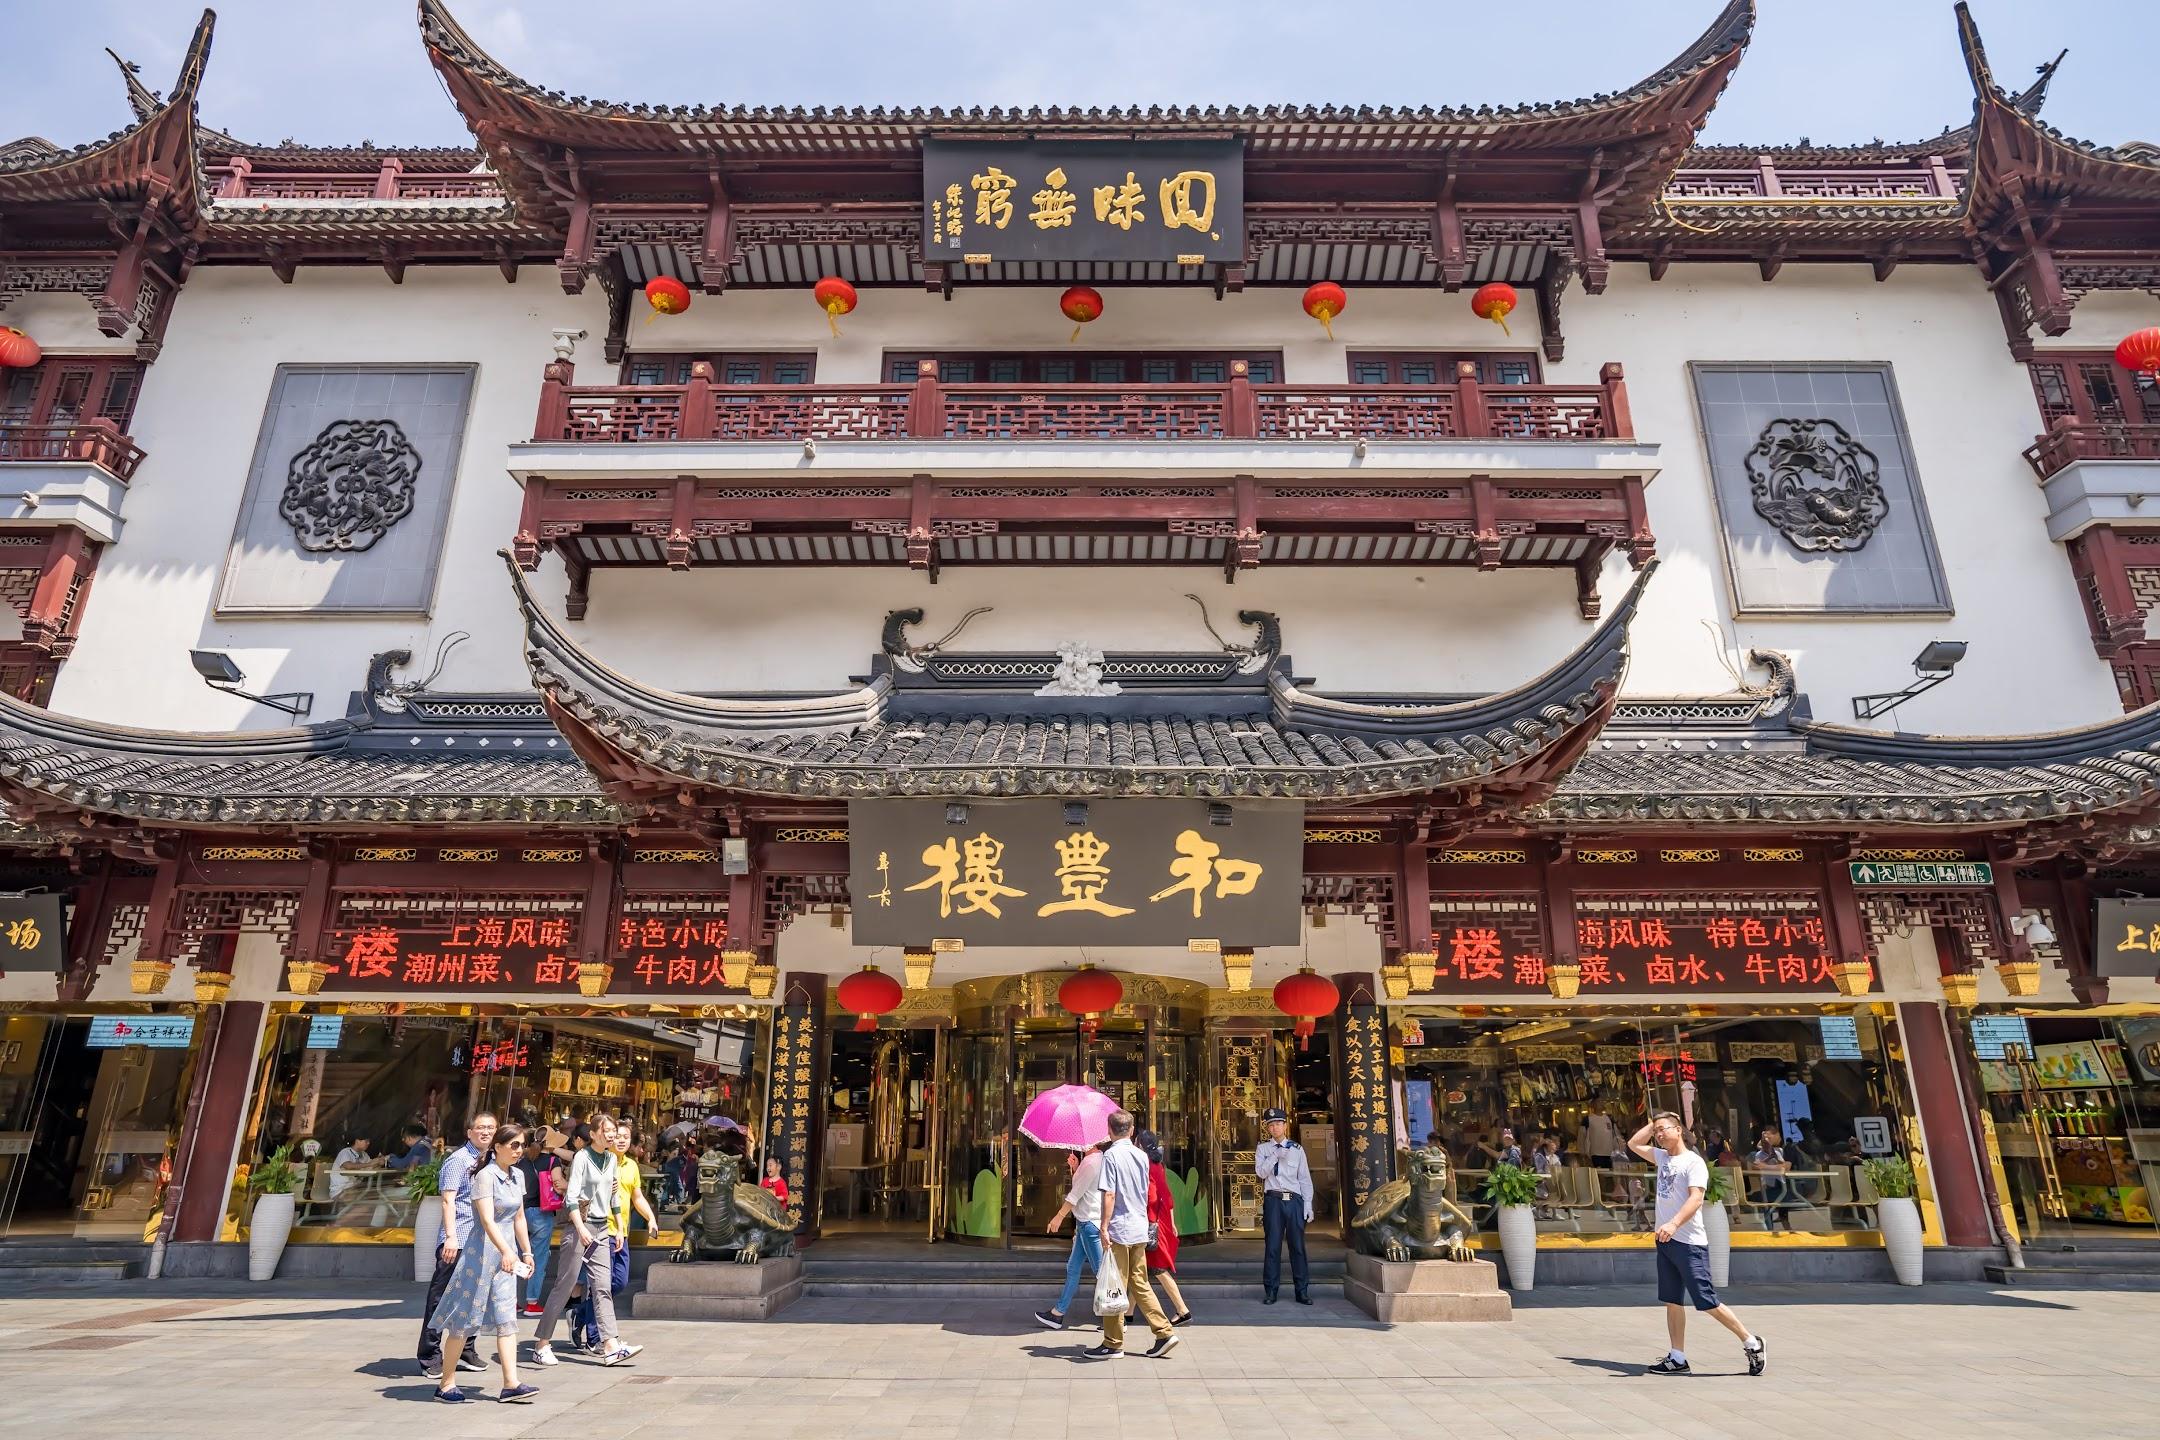 上海 豫園商城4